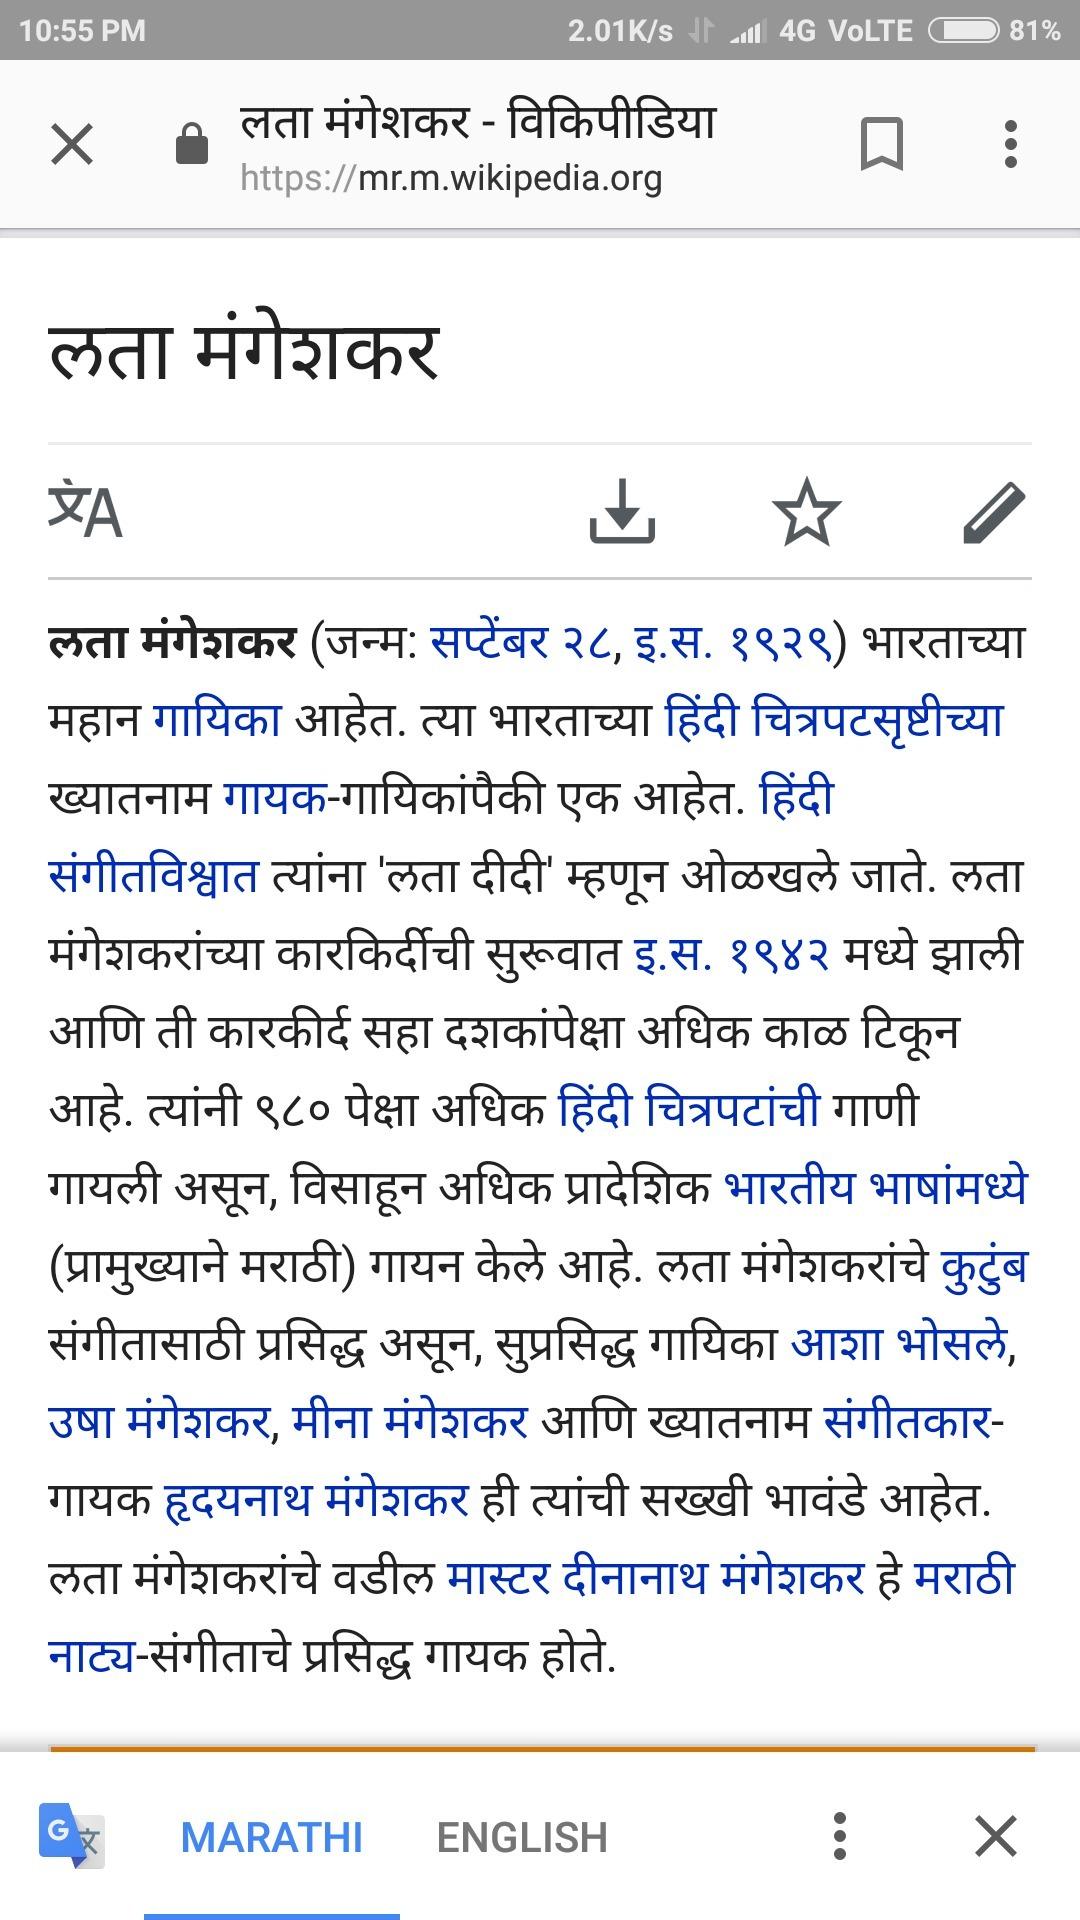 essay on lata mangeshkar in marathi language